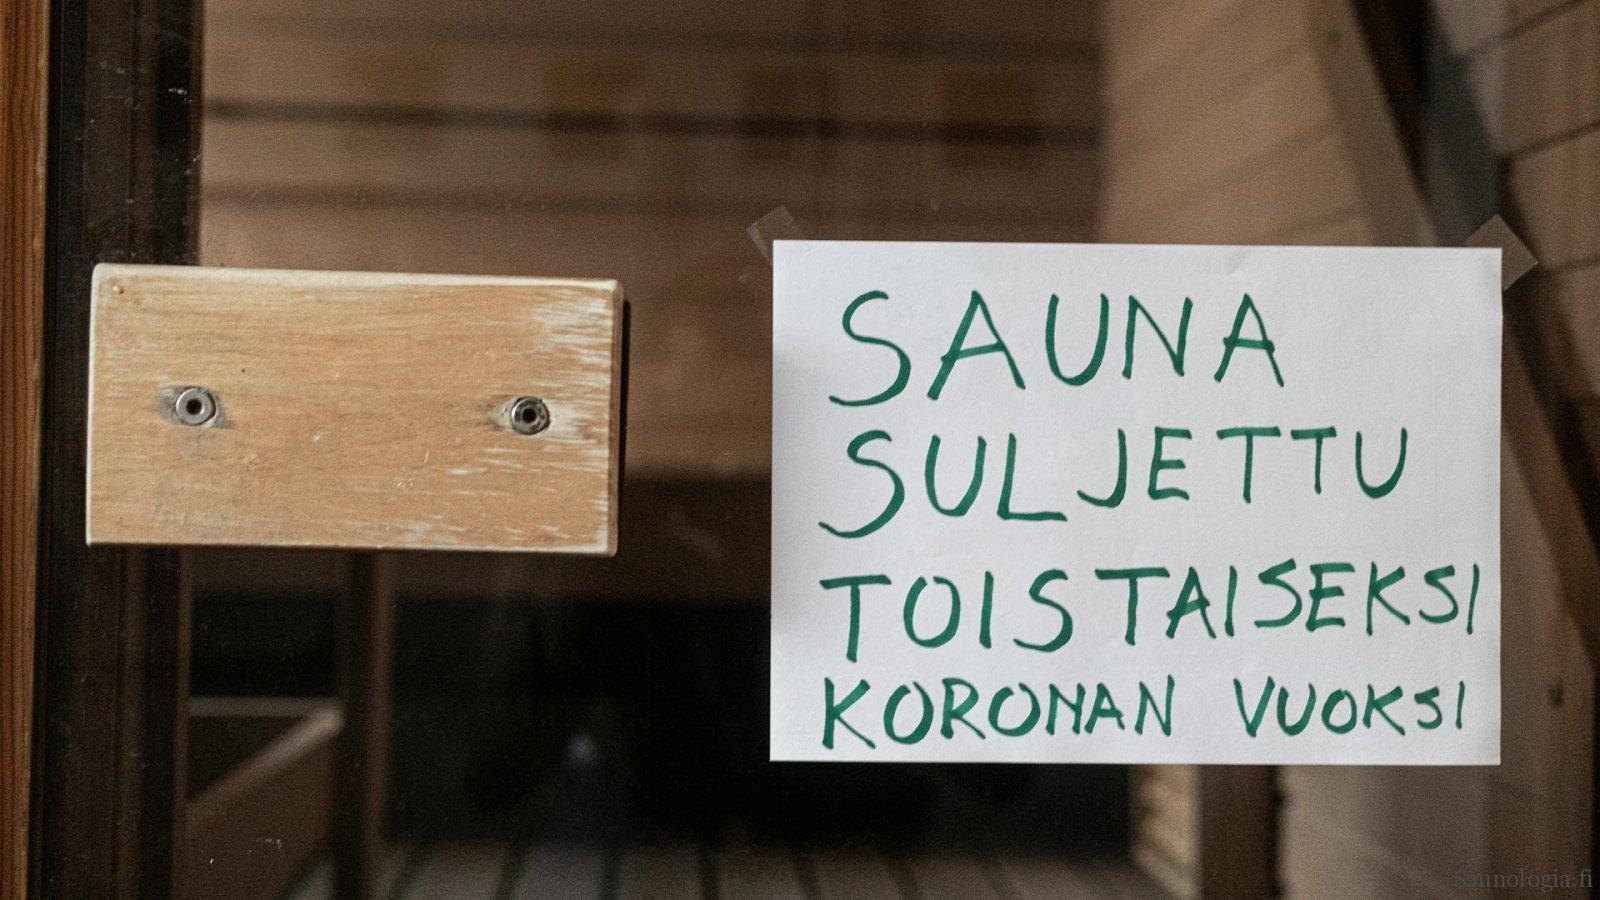 201118-closure-sauna-paakuva-1048